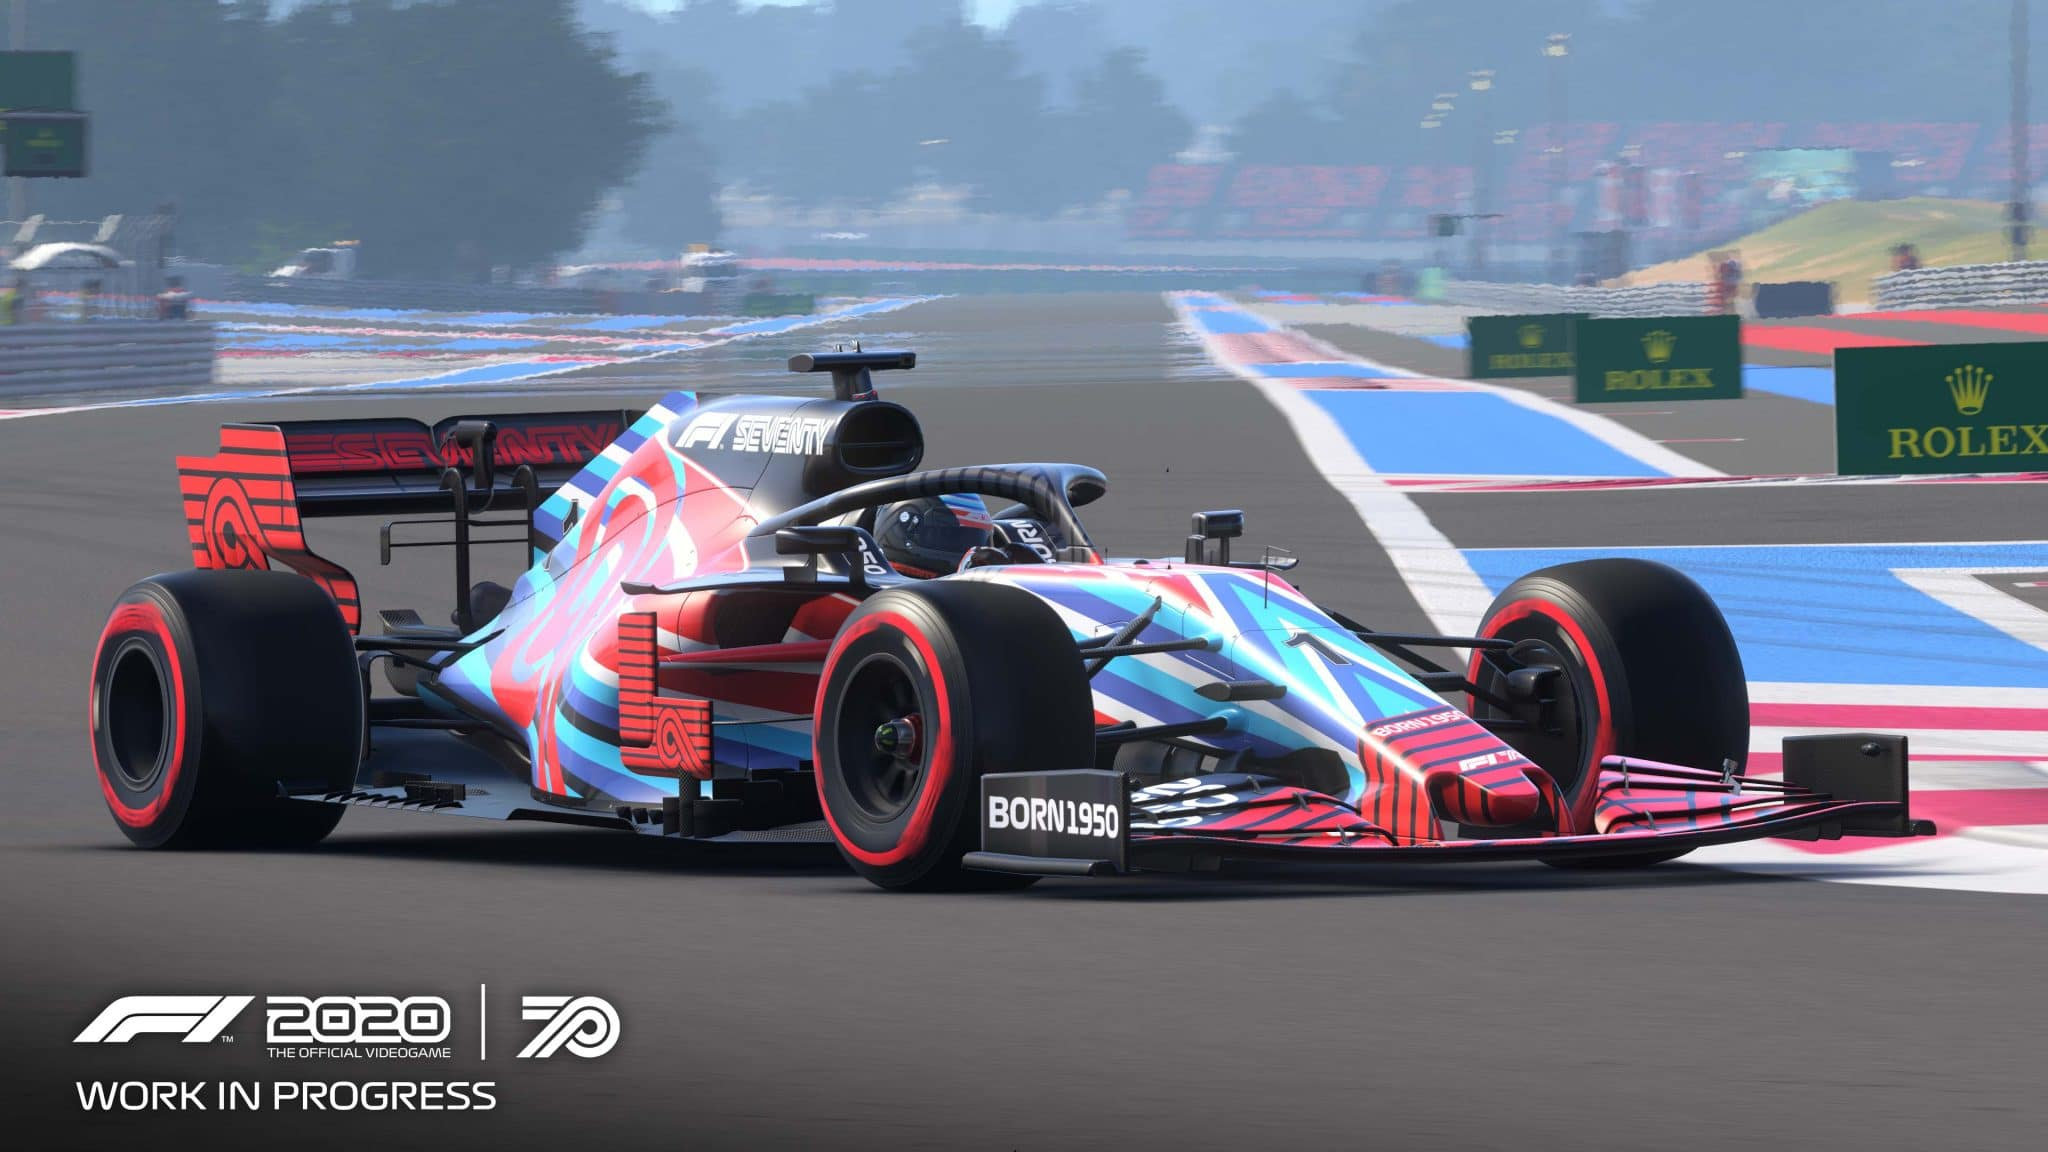 Premier essai (demo) : F1 2020